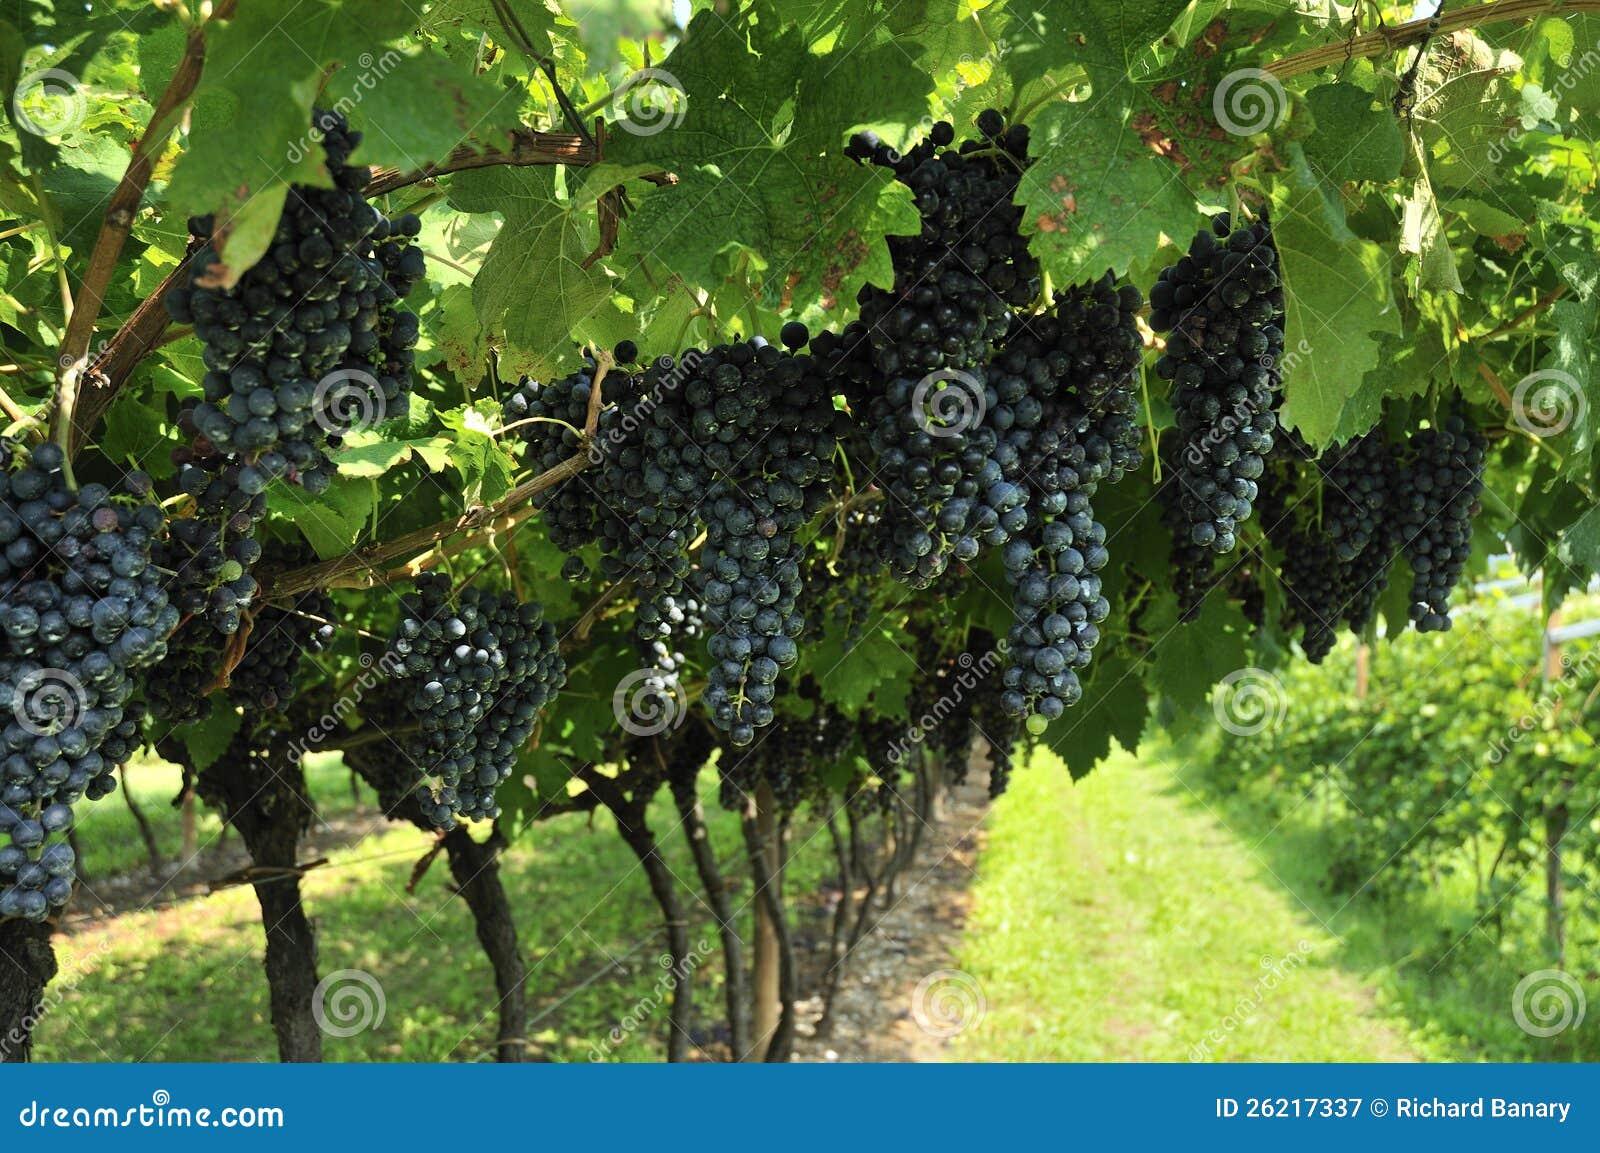 Bilder Blaue Weintrauben ~ Weintrauben Lizenzfreie Stockfotografie  Bild 26217337